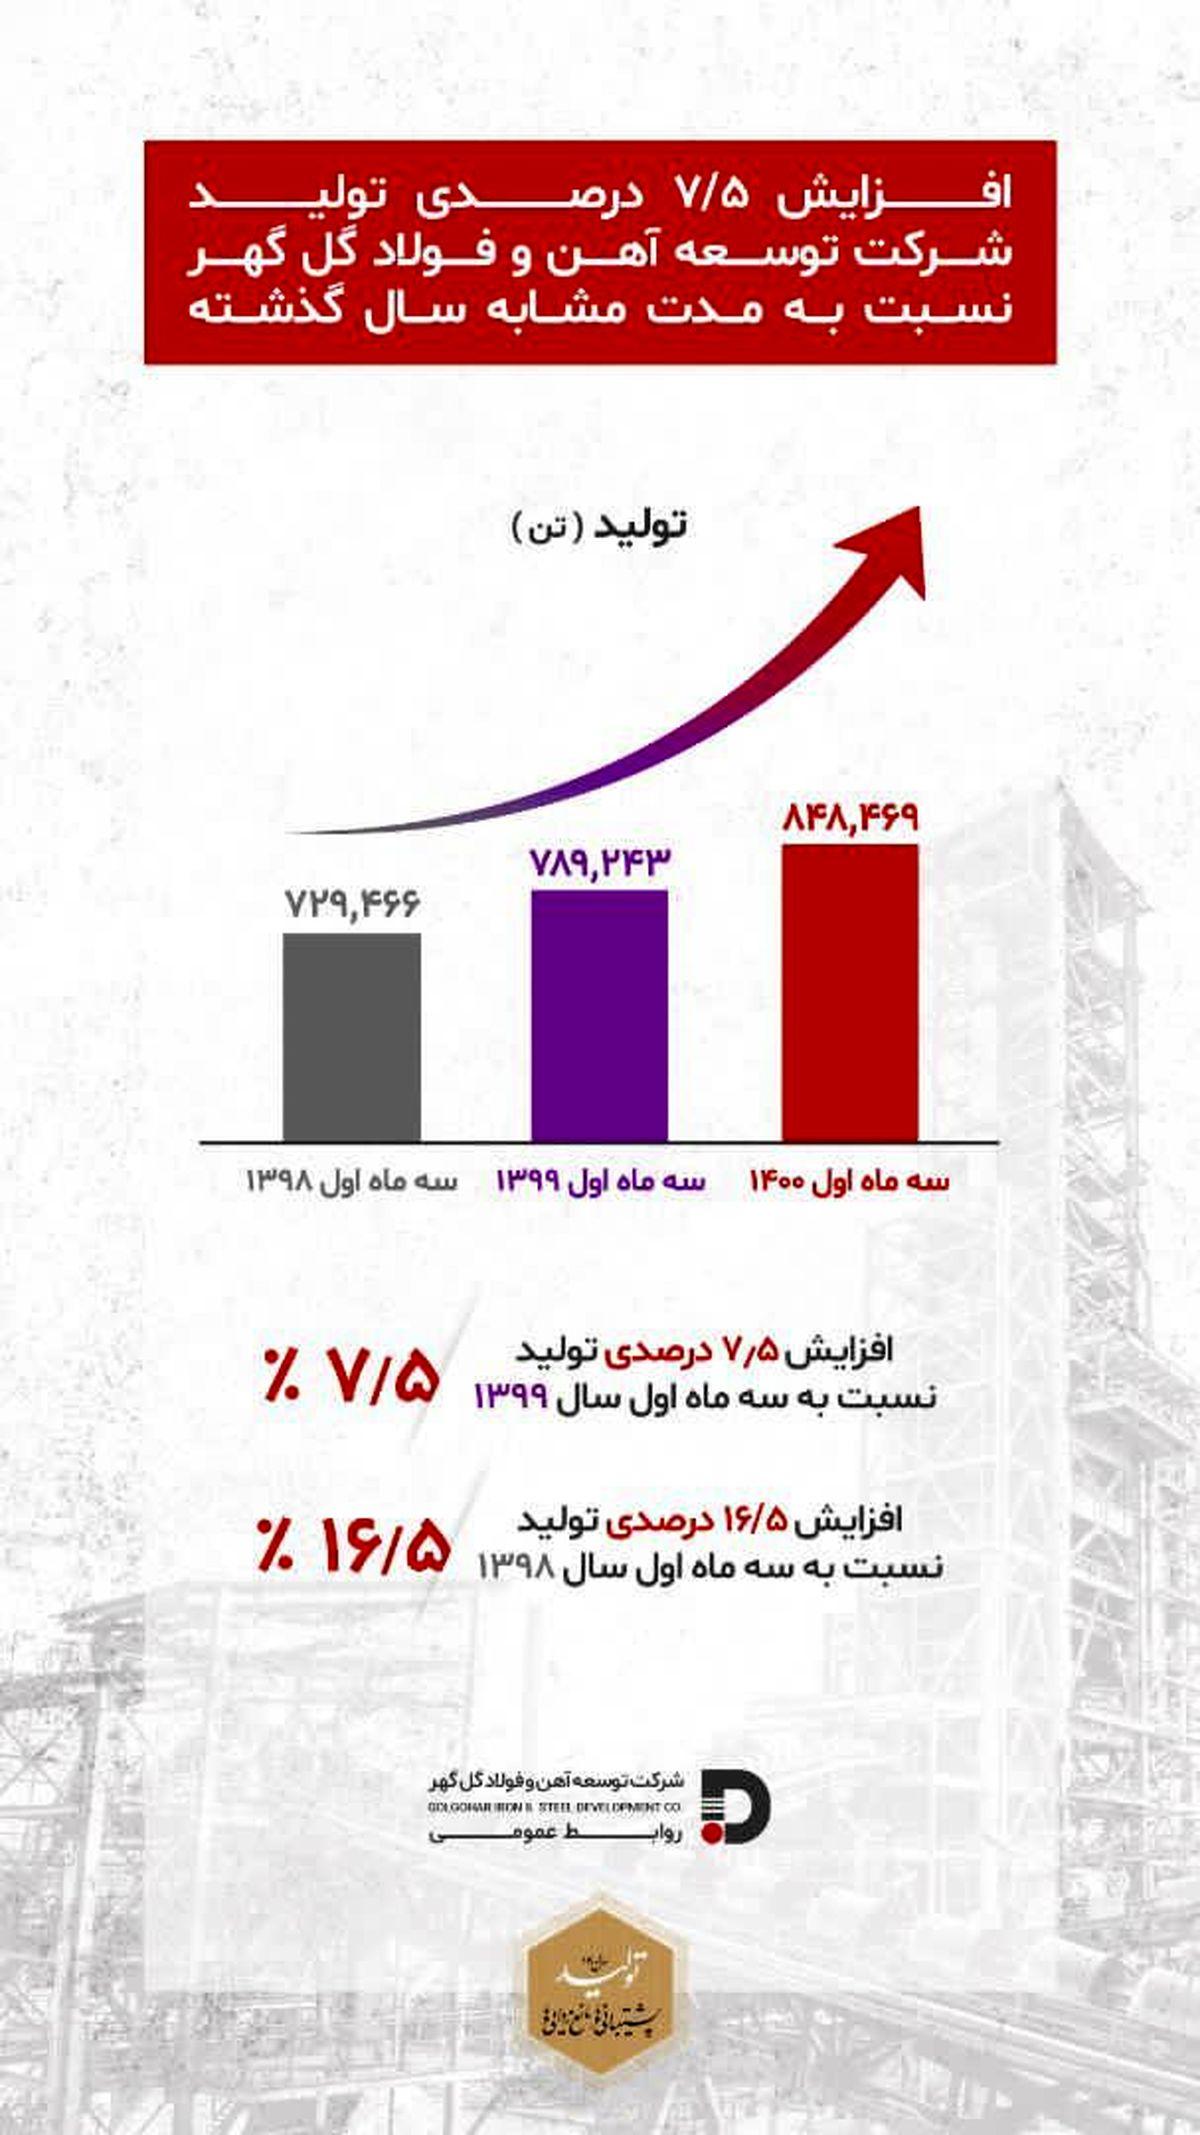 افزایش ۷/۵ درصدی تولید نسبت به پارسال در شرکت توسعه آهن و فولاد گل گهر